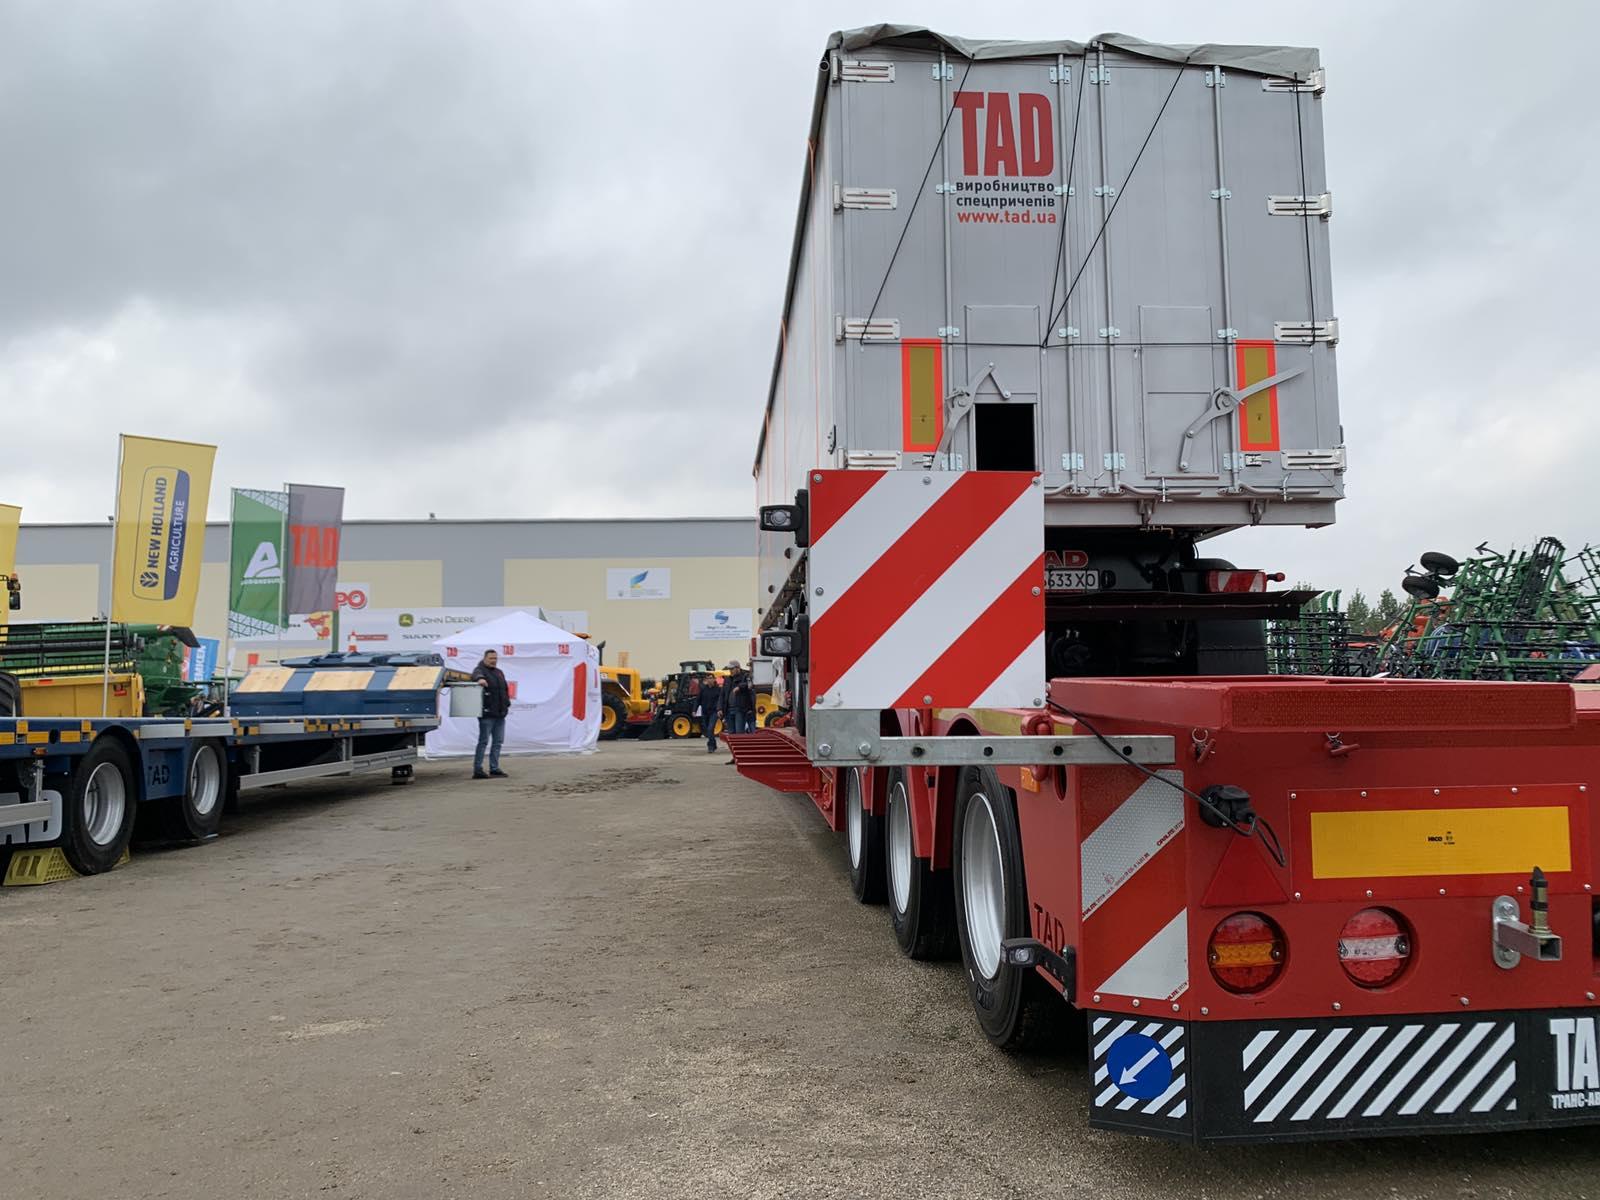 ТАД – отчет о выставке АгроЕкспо 2020